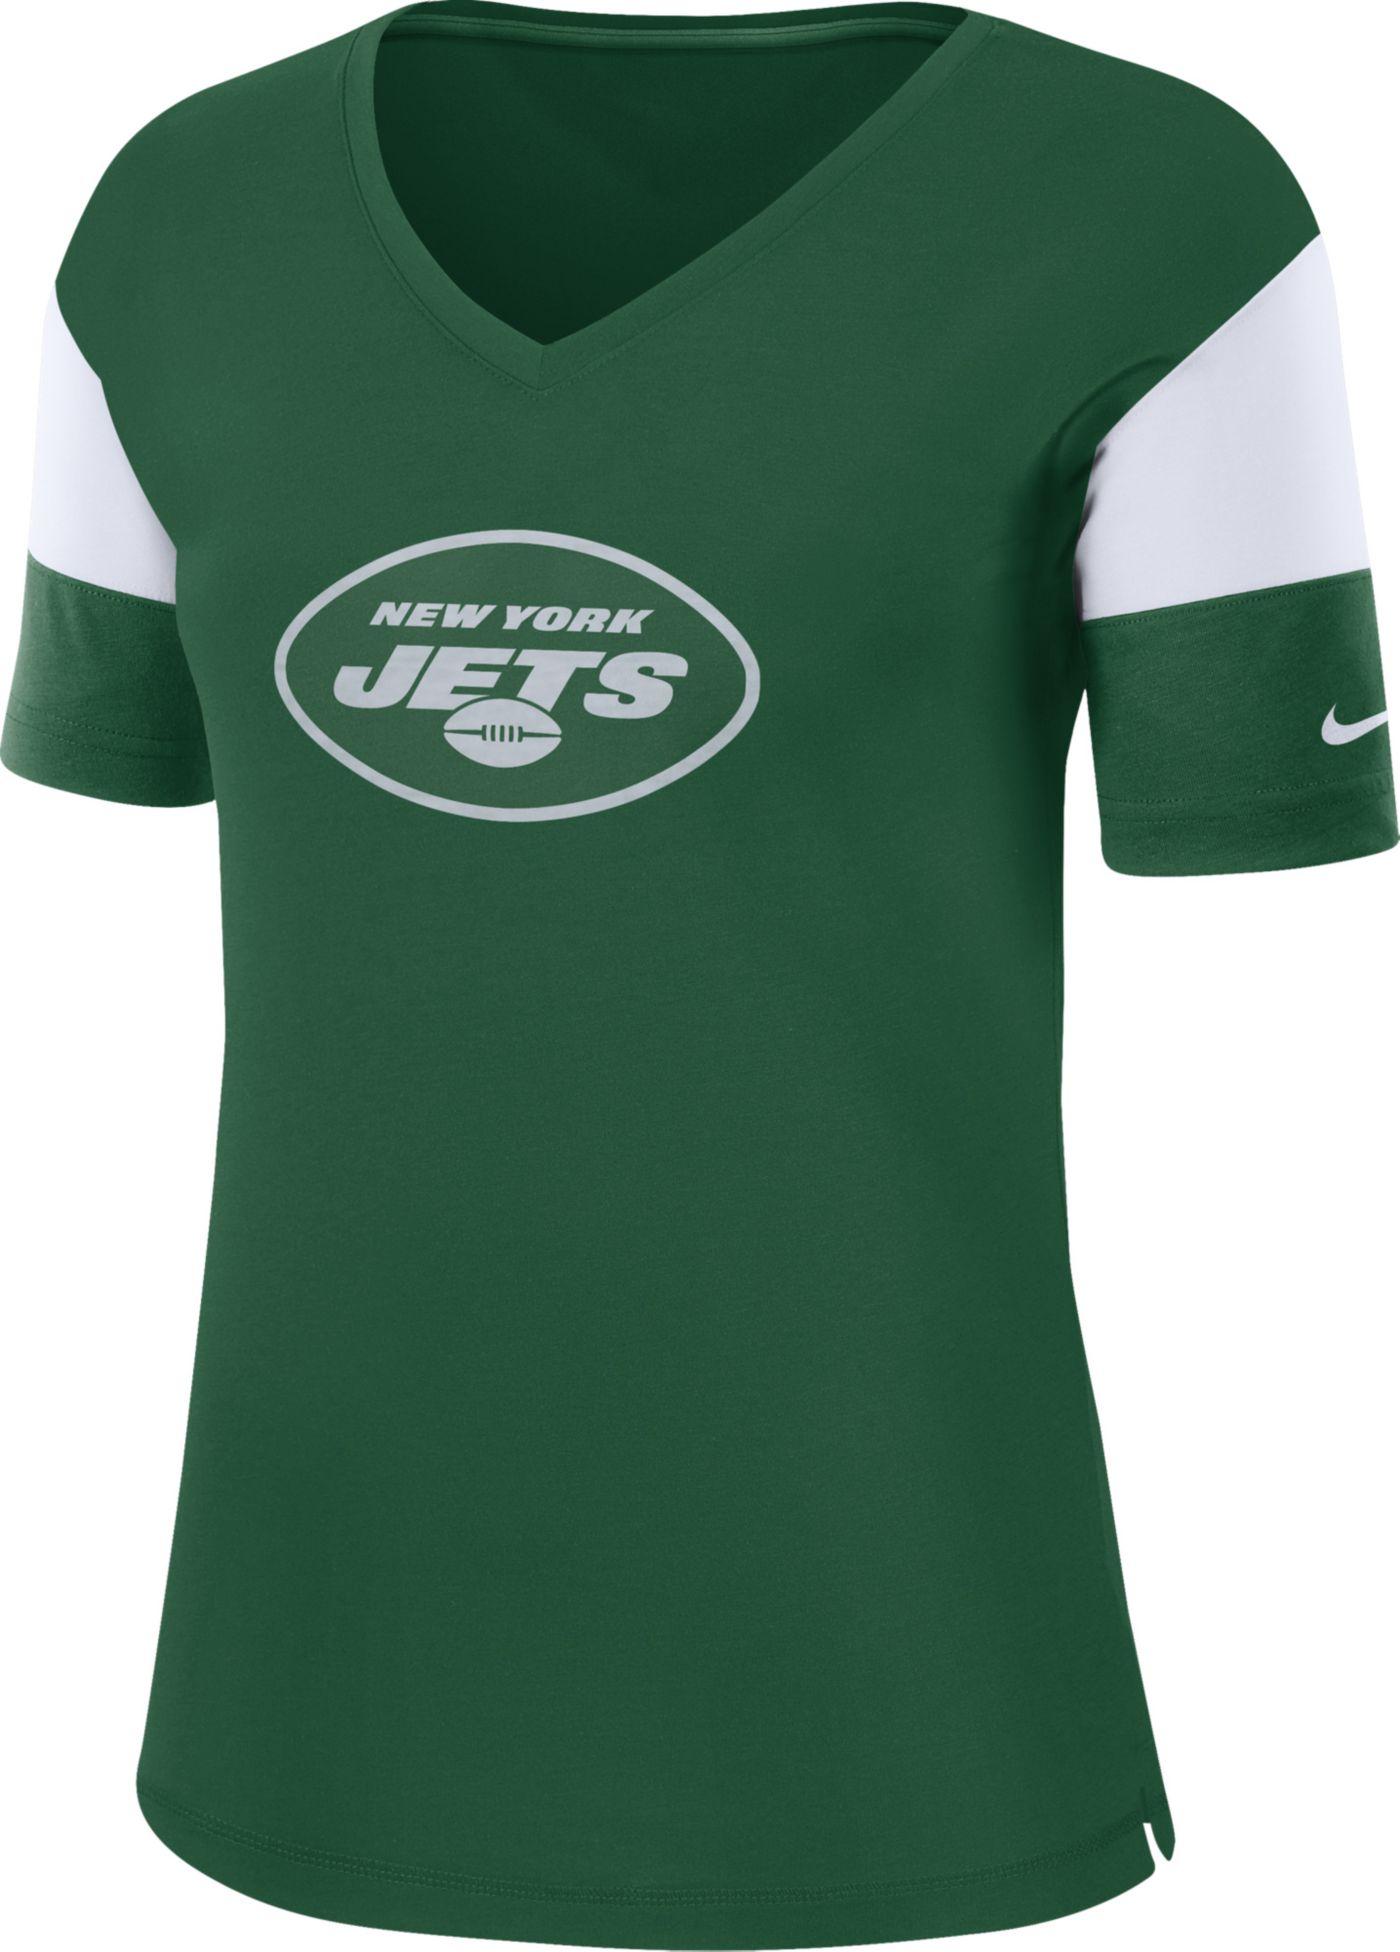 Nike Women's New York Jets Breathe Green V-Neck T-Shirt